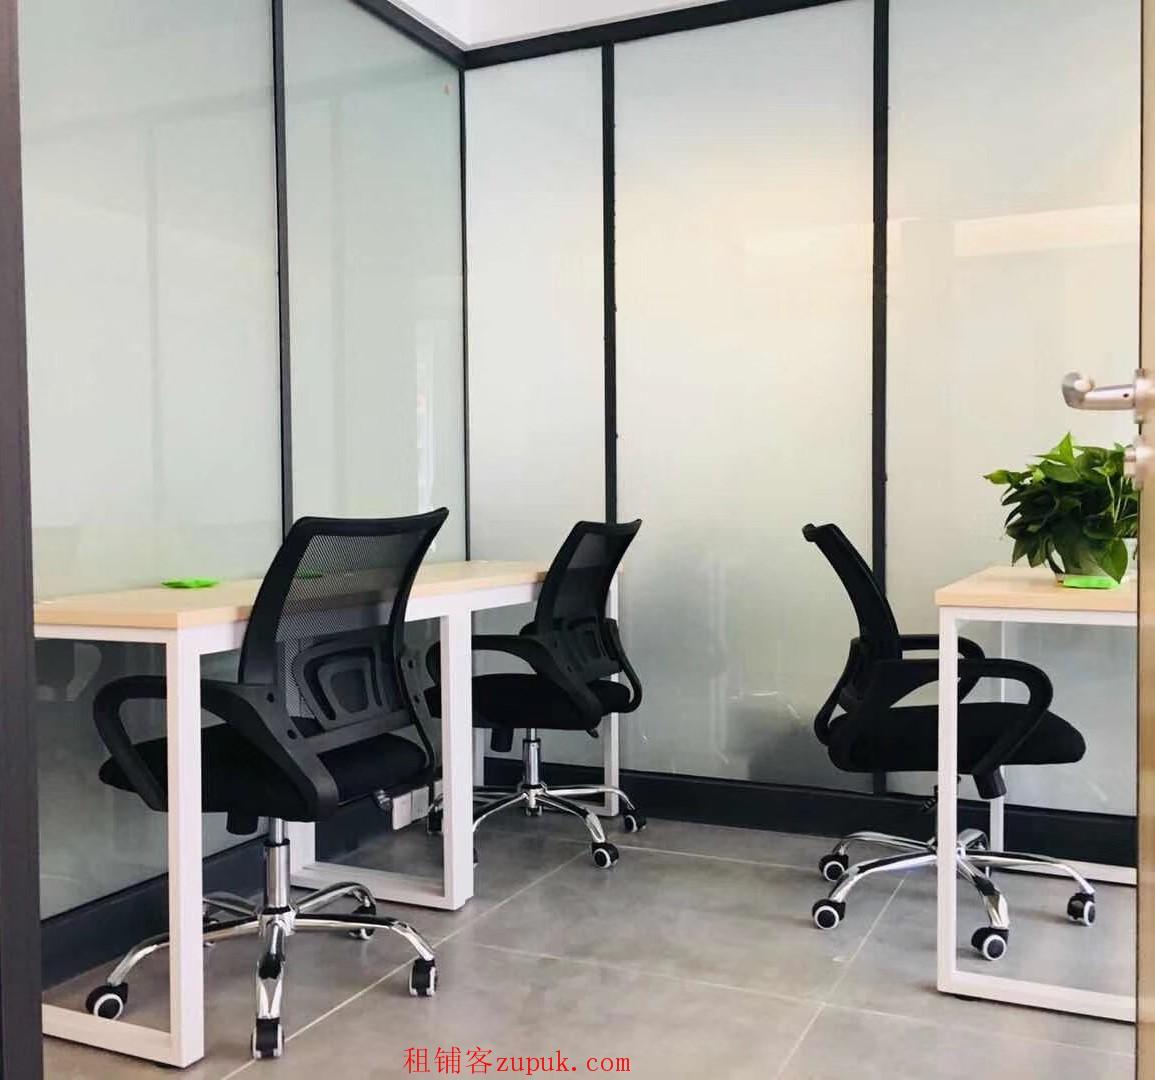 新装修甲级办公室千元/间起租,费用全包